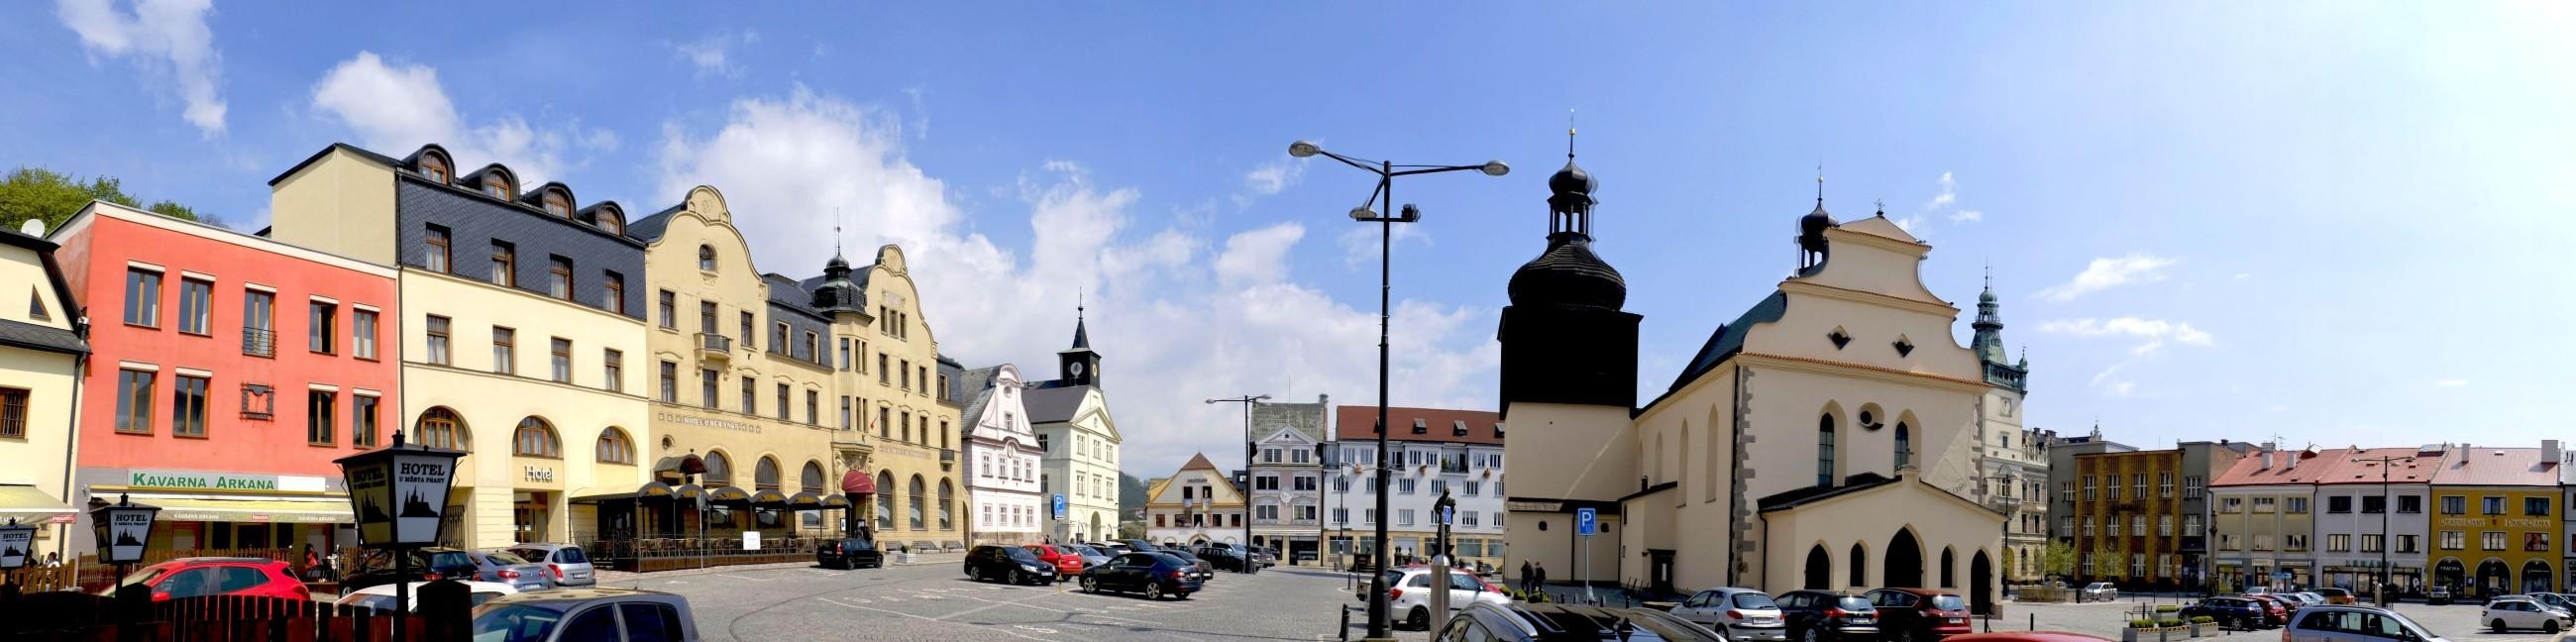 Nachod i rynek w Nachodzie w wiosennej panoramie